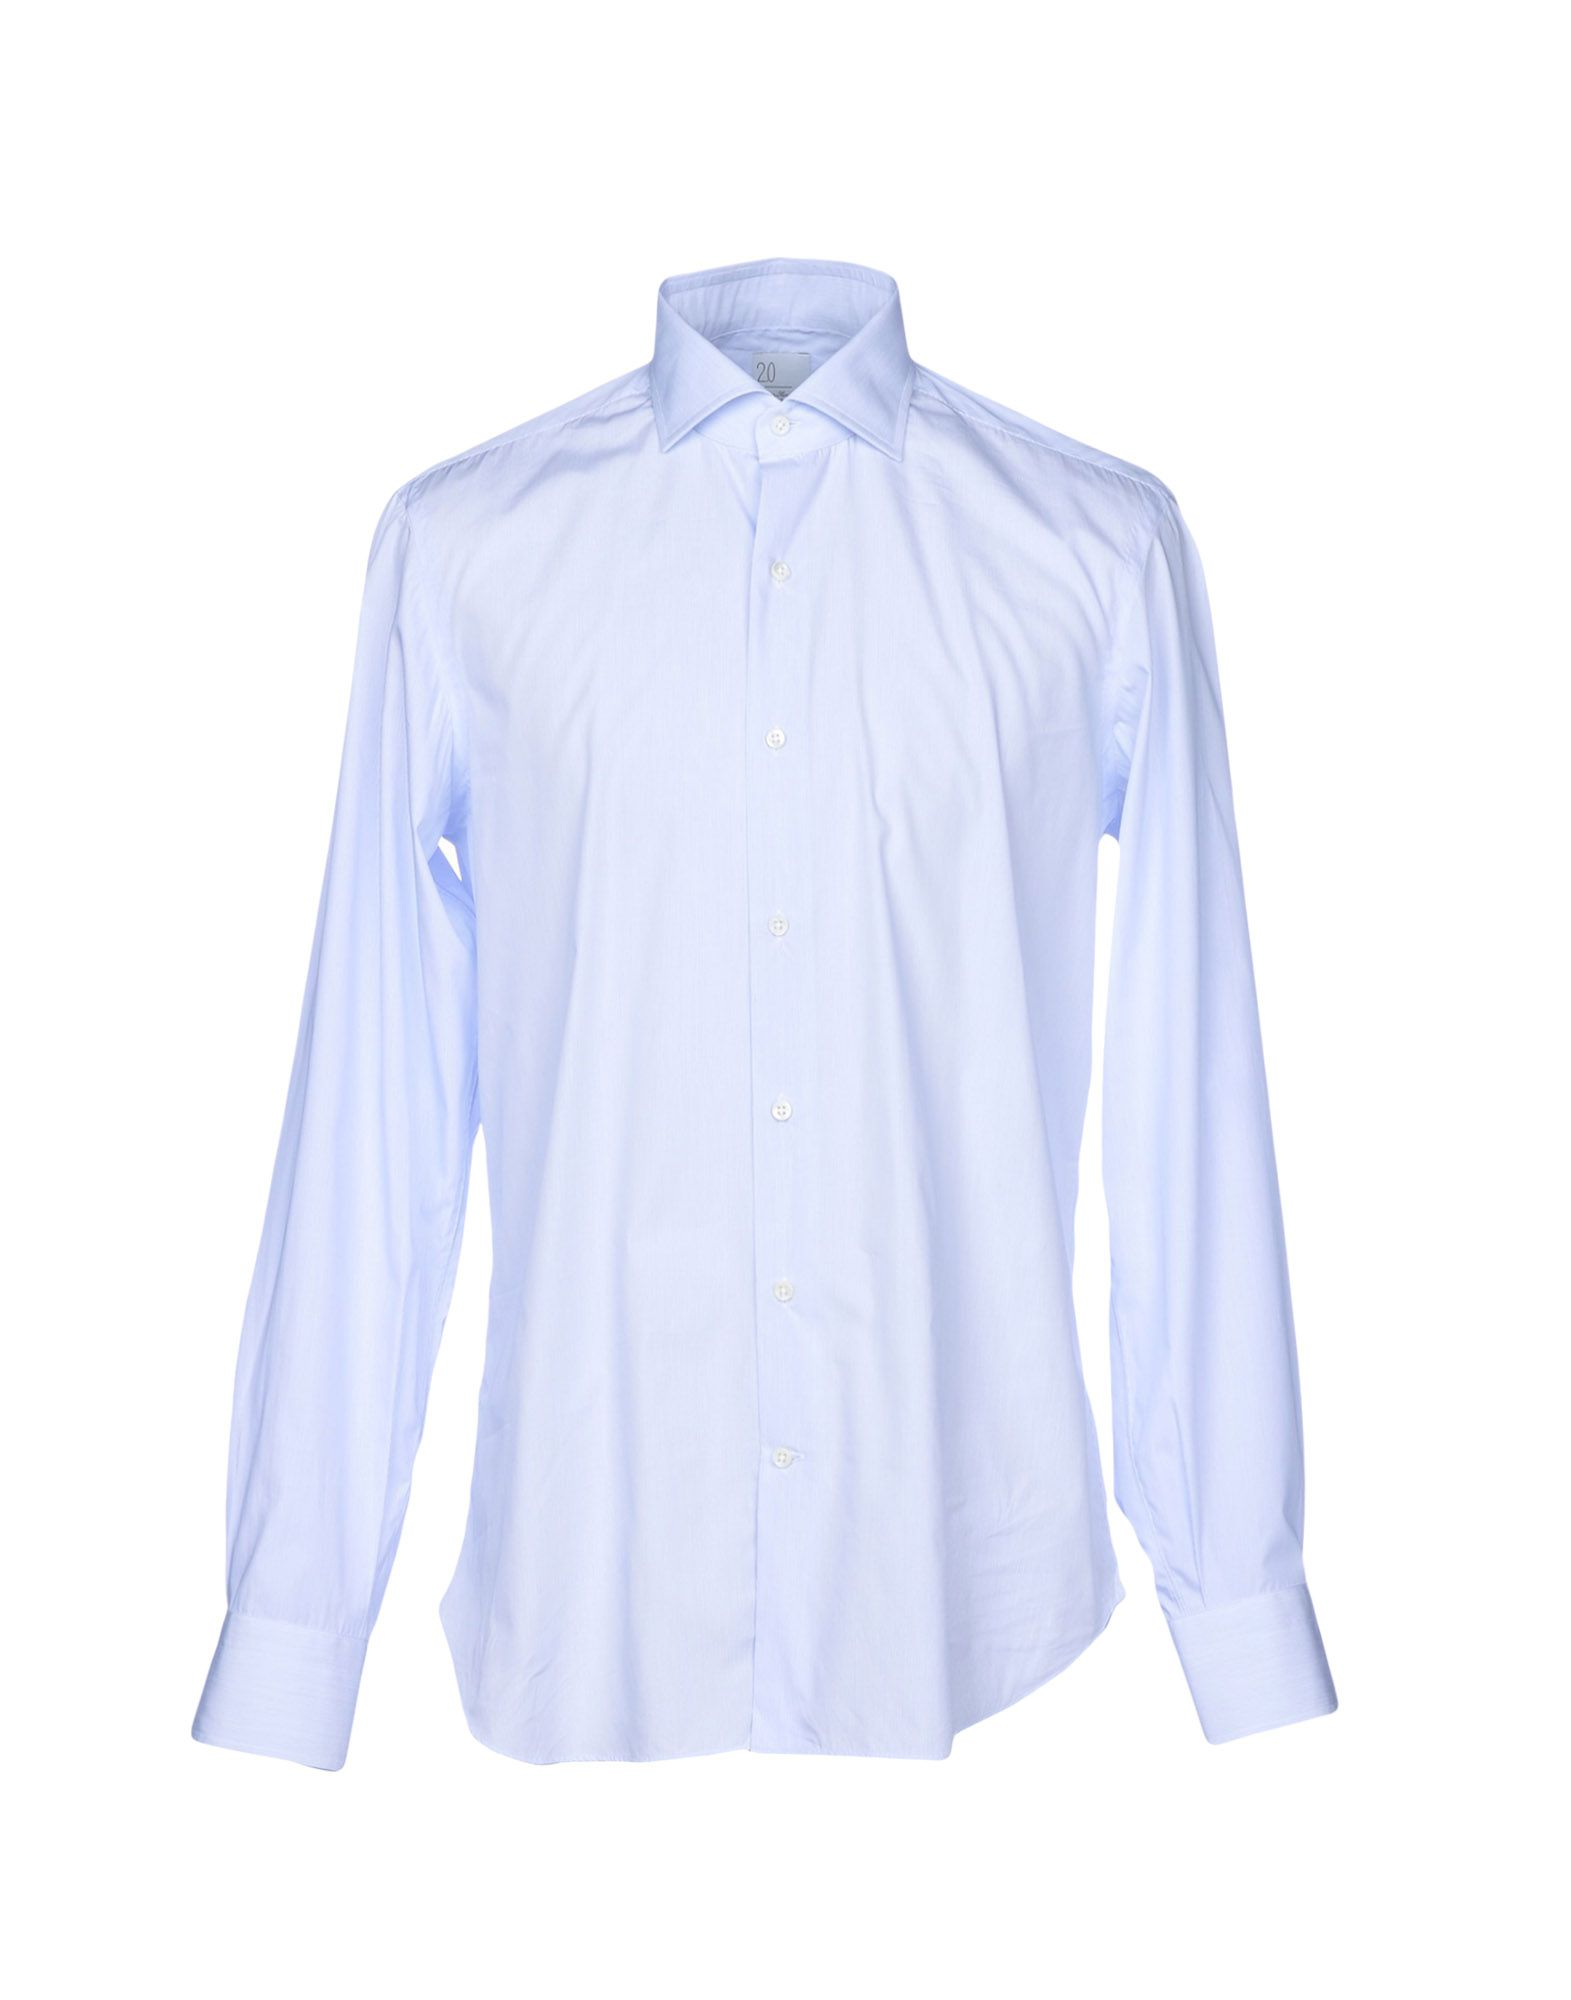 《送料無料》MARIA SANTANGELO Napoli メンズ シャツ スカイブルー 42 コットン 100%